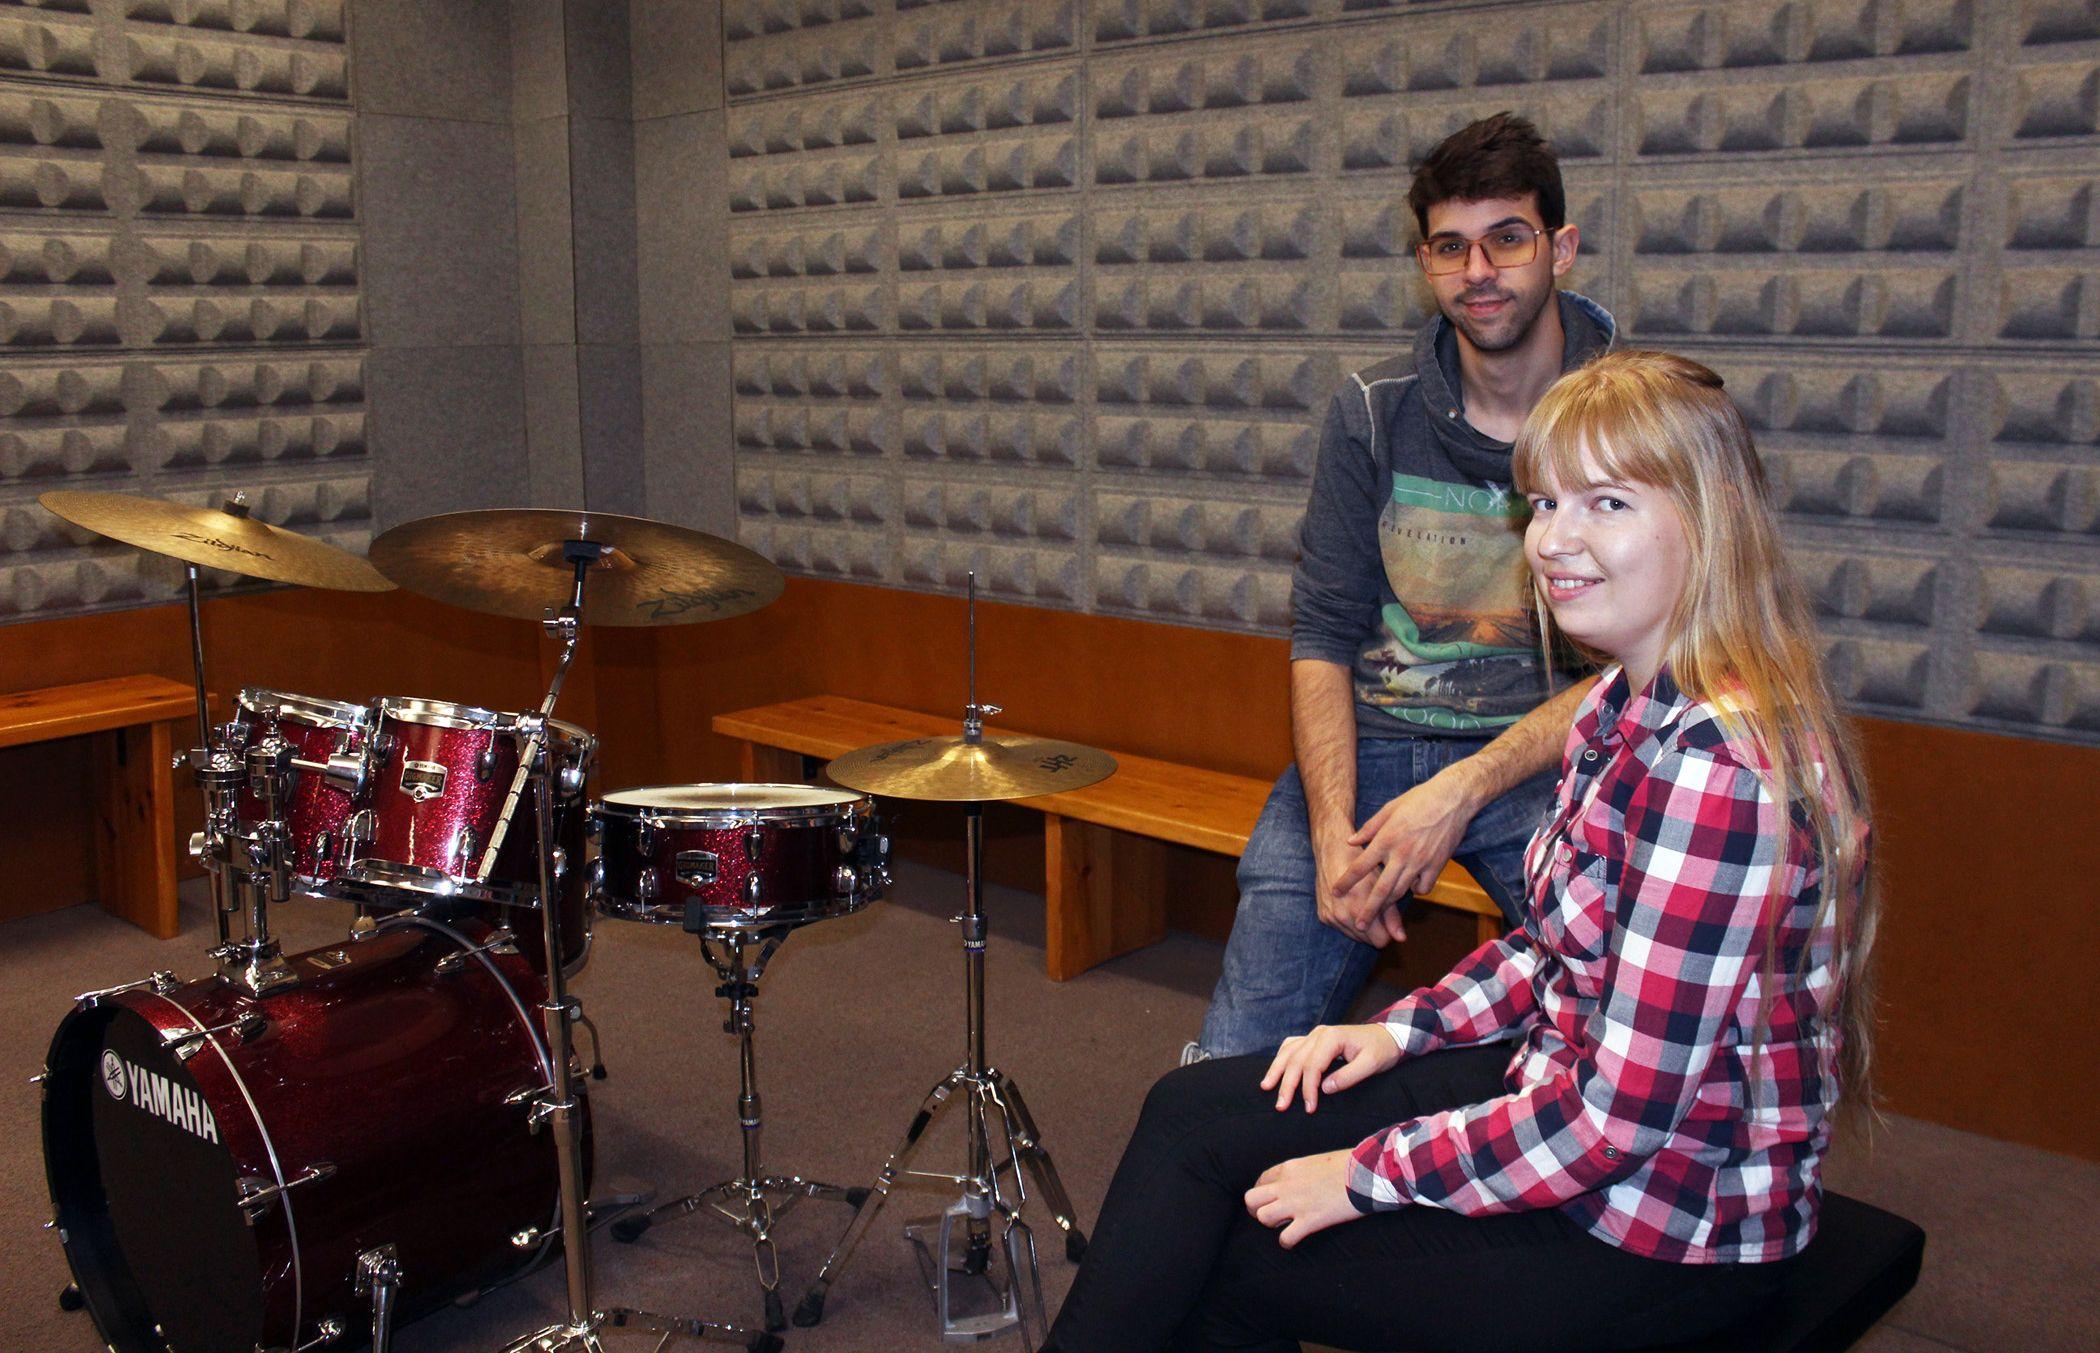 Anastasiya con Jesús, otro compañero de 'jam sesions', en la sala de música donde se reúne CEU Band